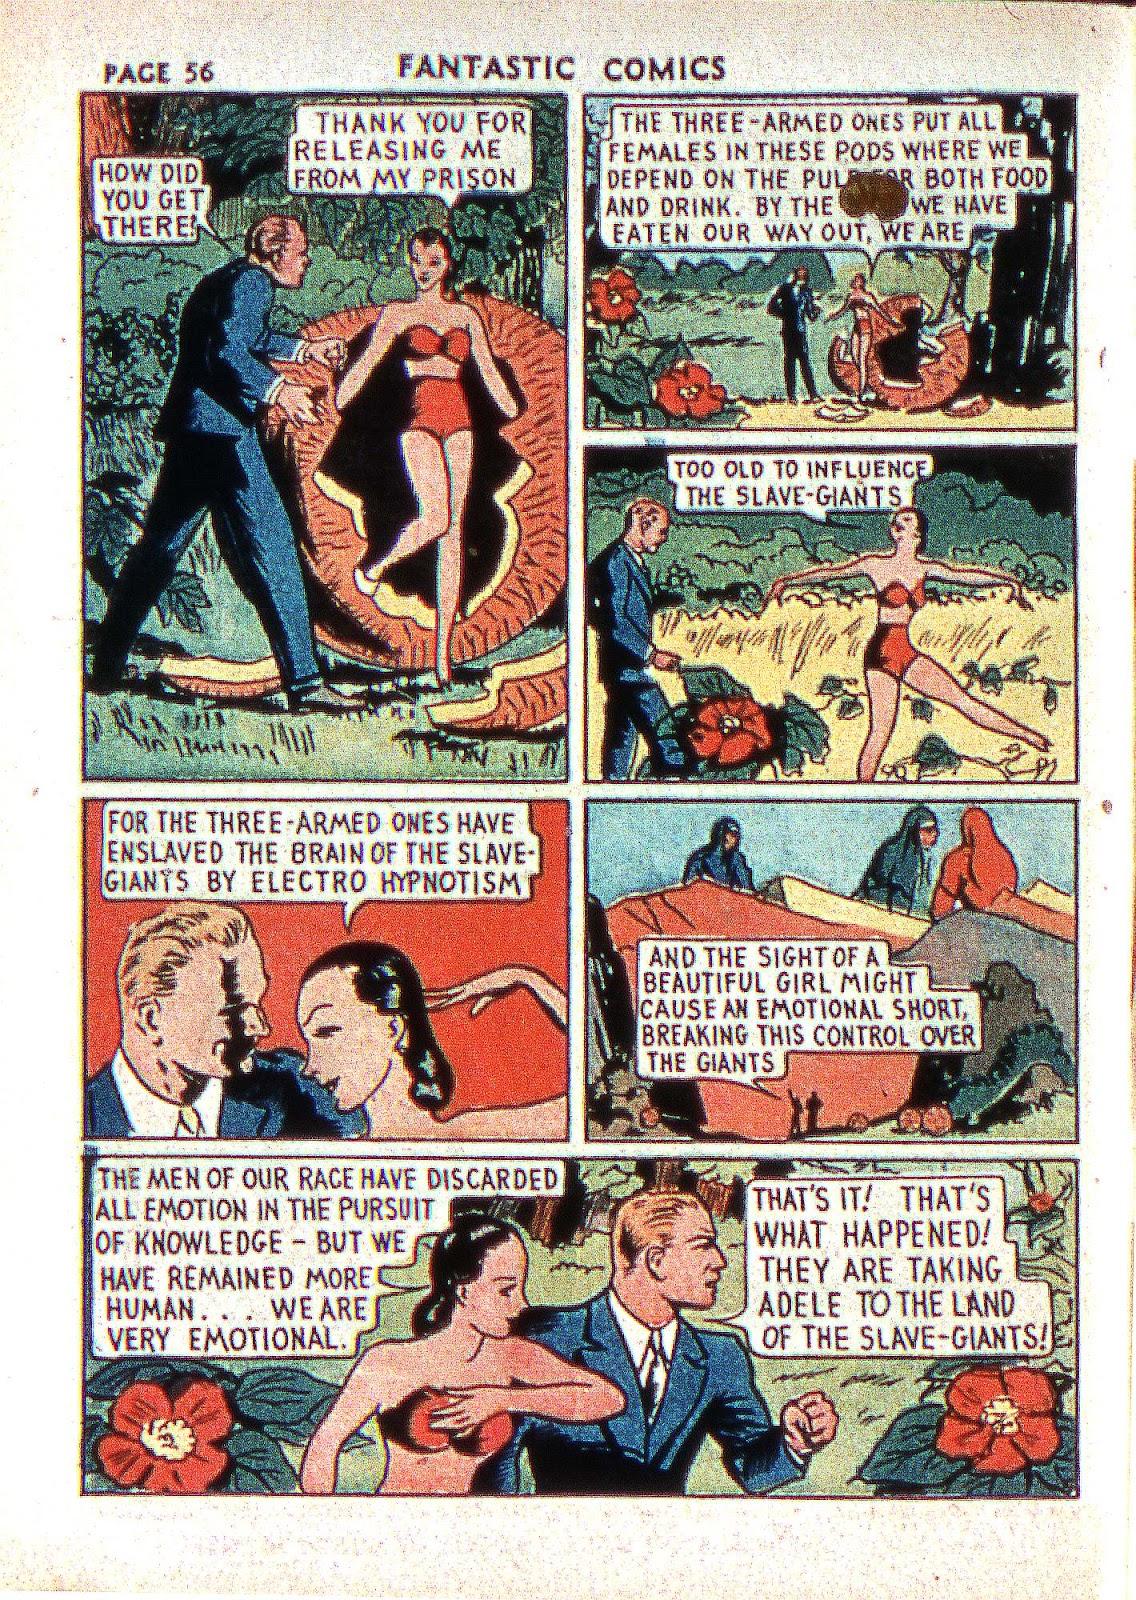 Read online Fantastic Comics comic -  Issue #2 - 57